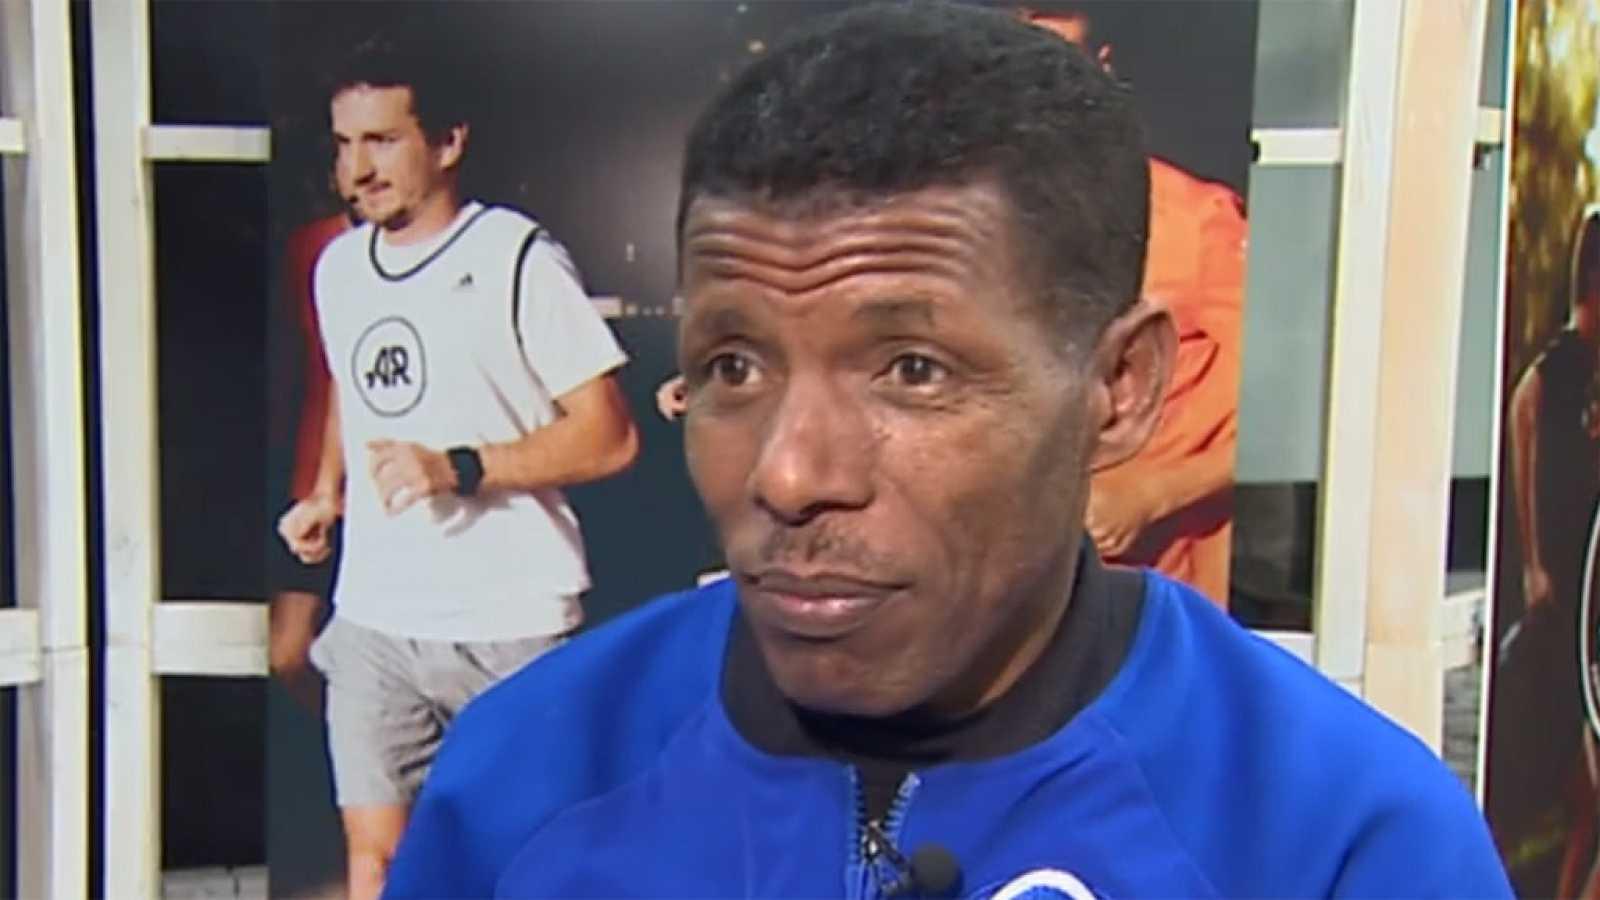 El exatleta etíope, homenajeado en la 100ª Behobia-San Sebastián, reconoce el esfuerzo del atleta keniano y analiza la evolución del calzado en el atletismo para TVE.